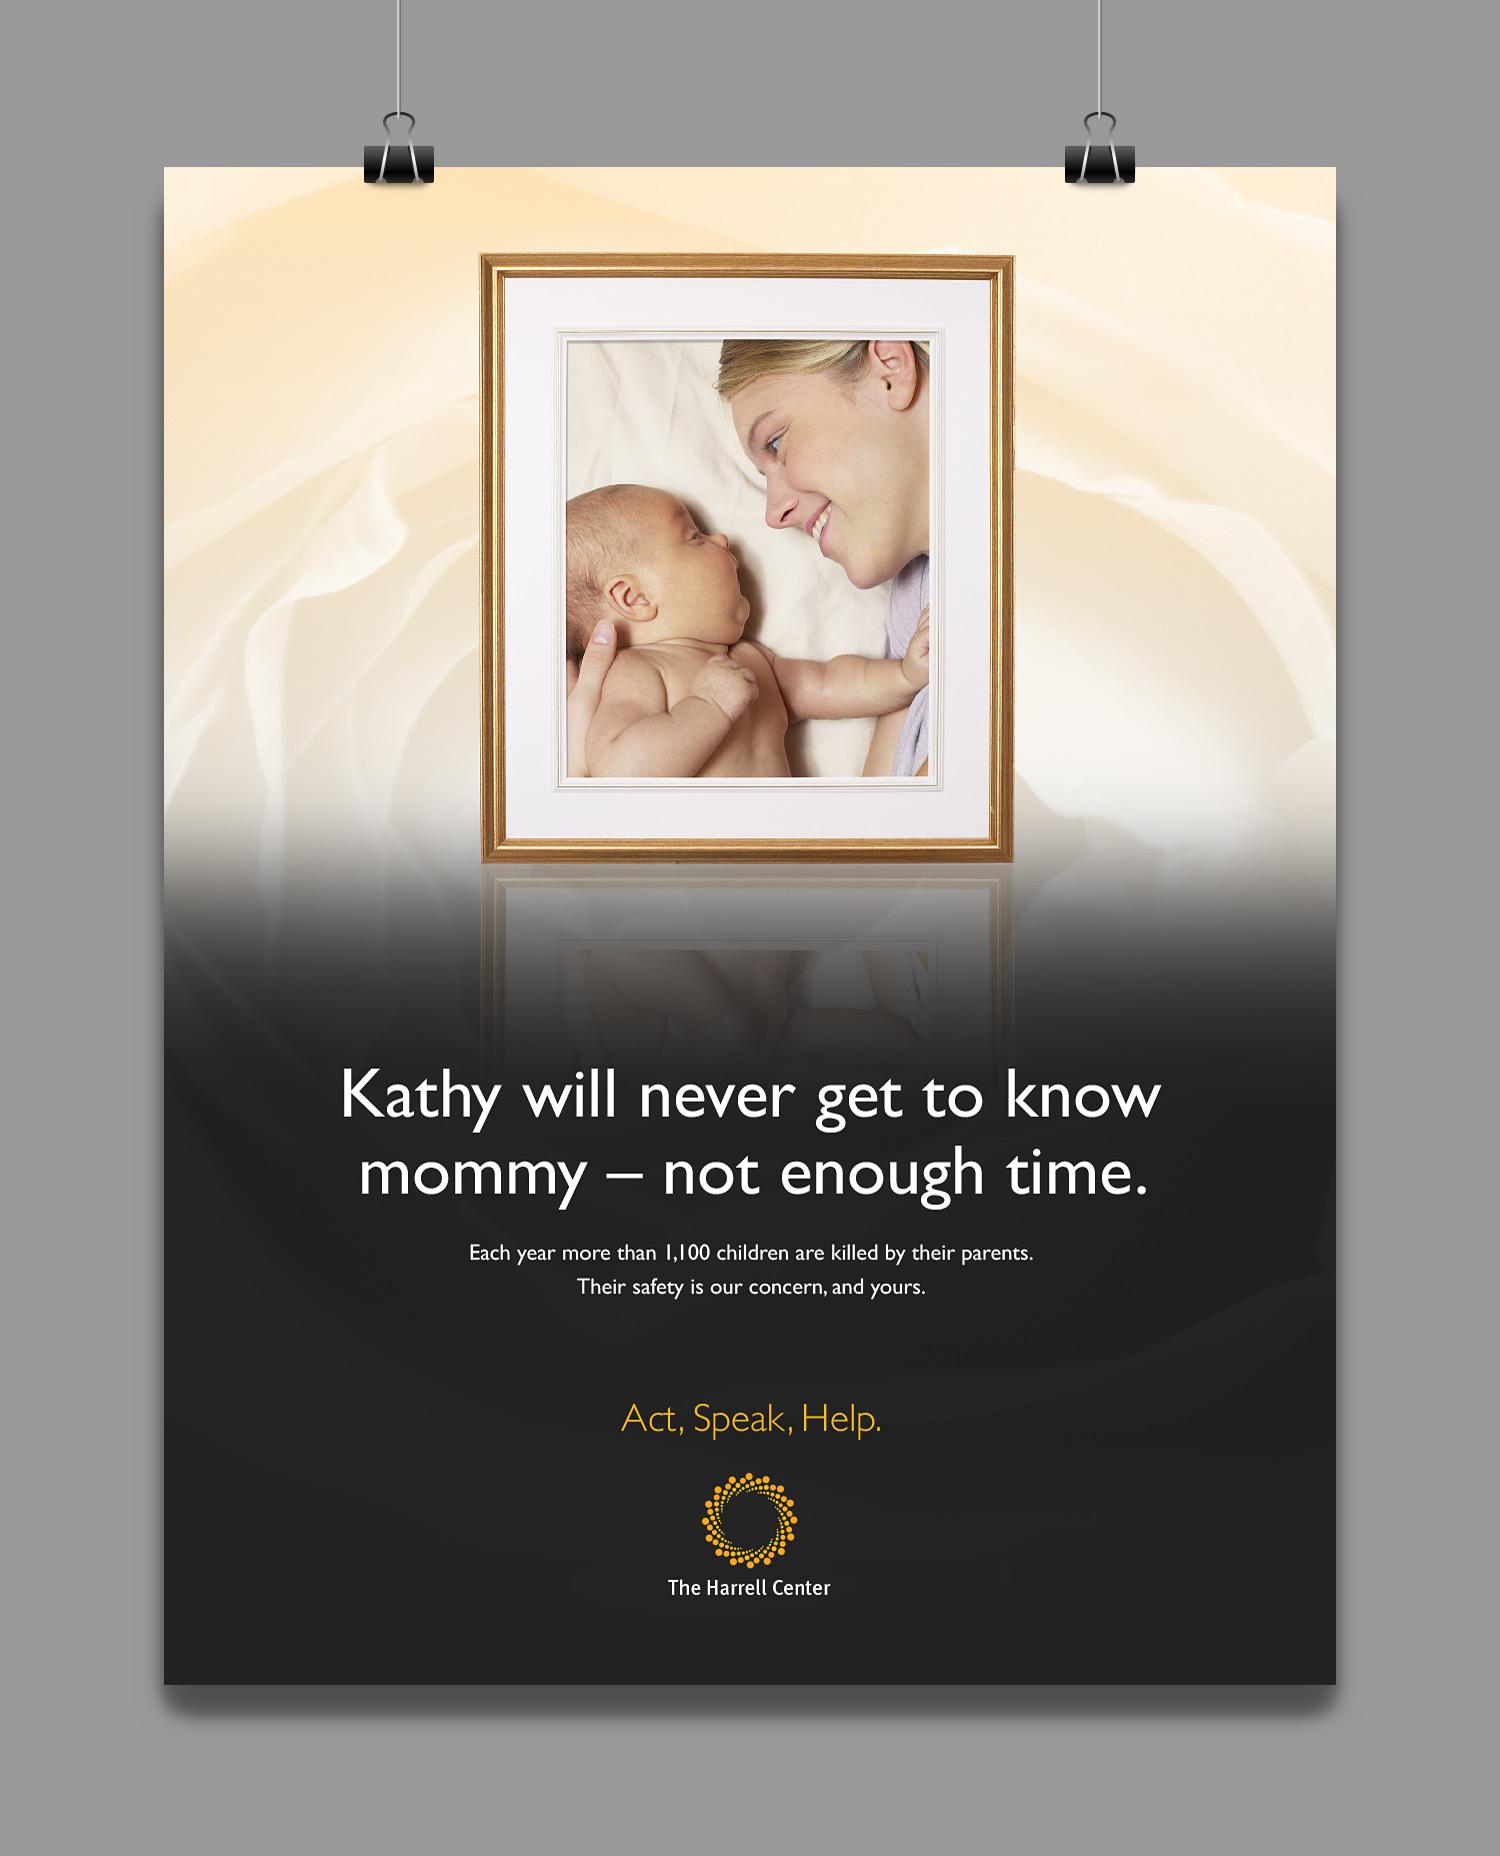 The Harrell Center, ad campaign